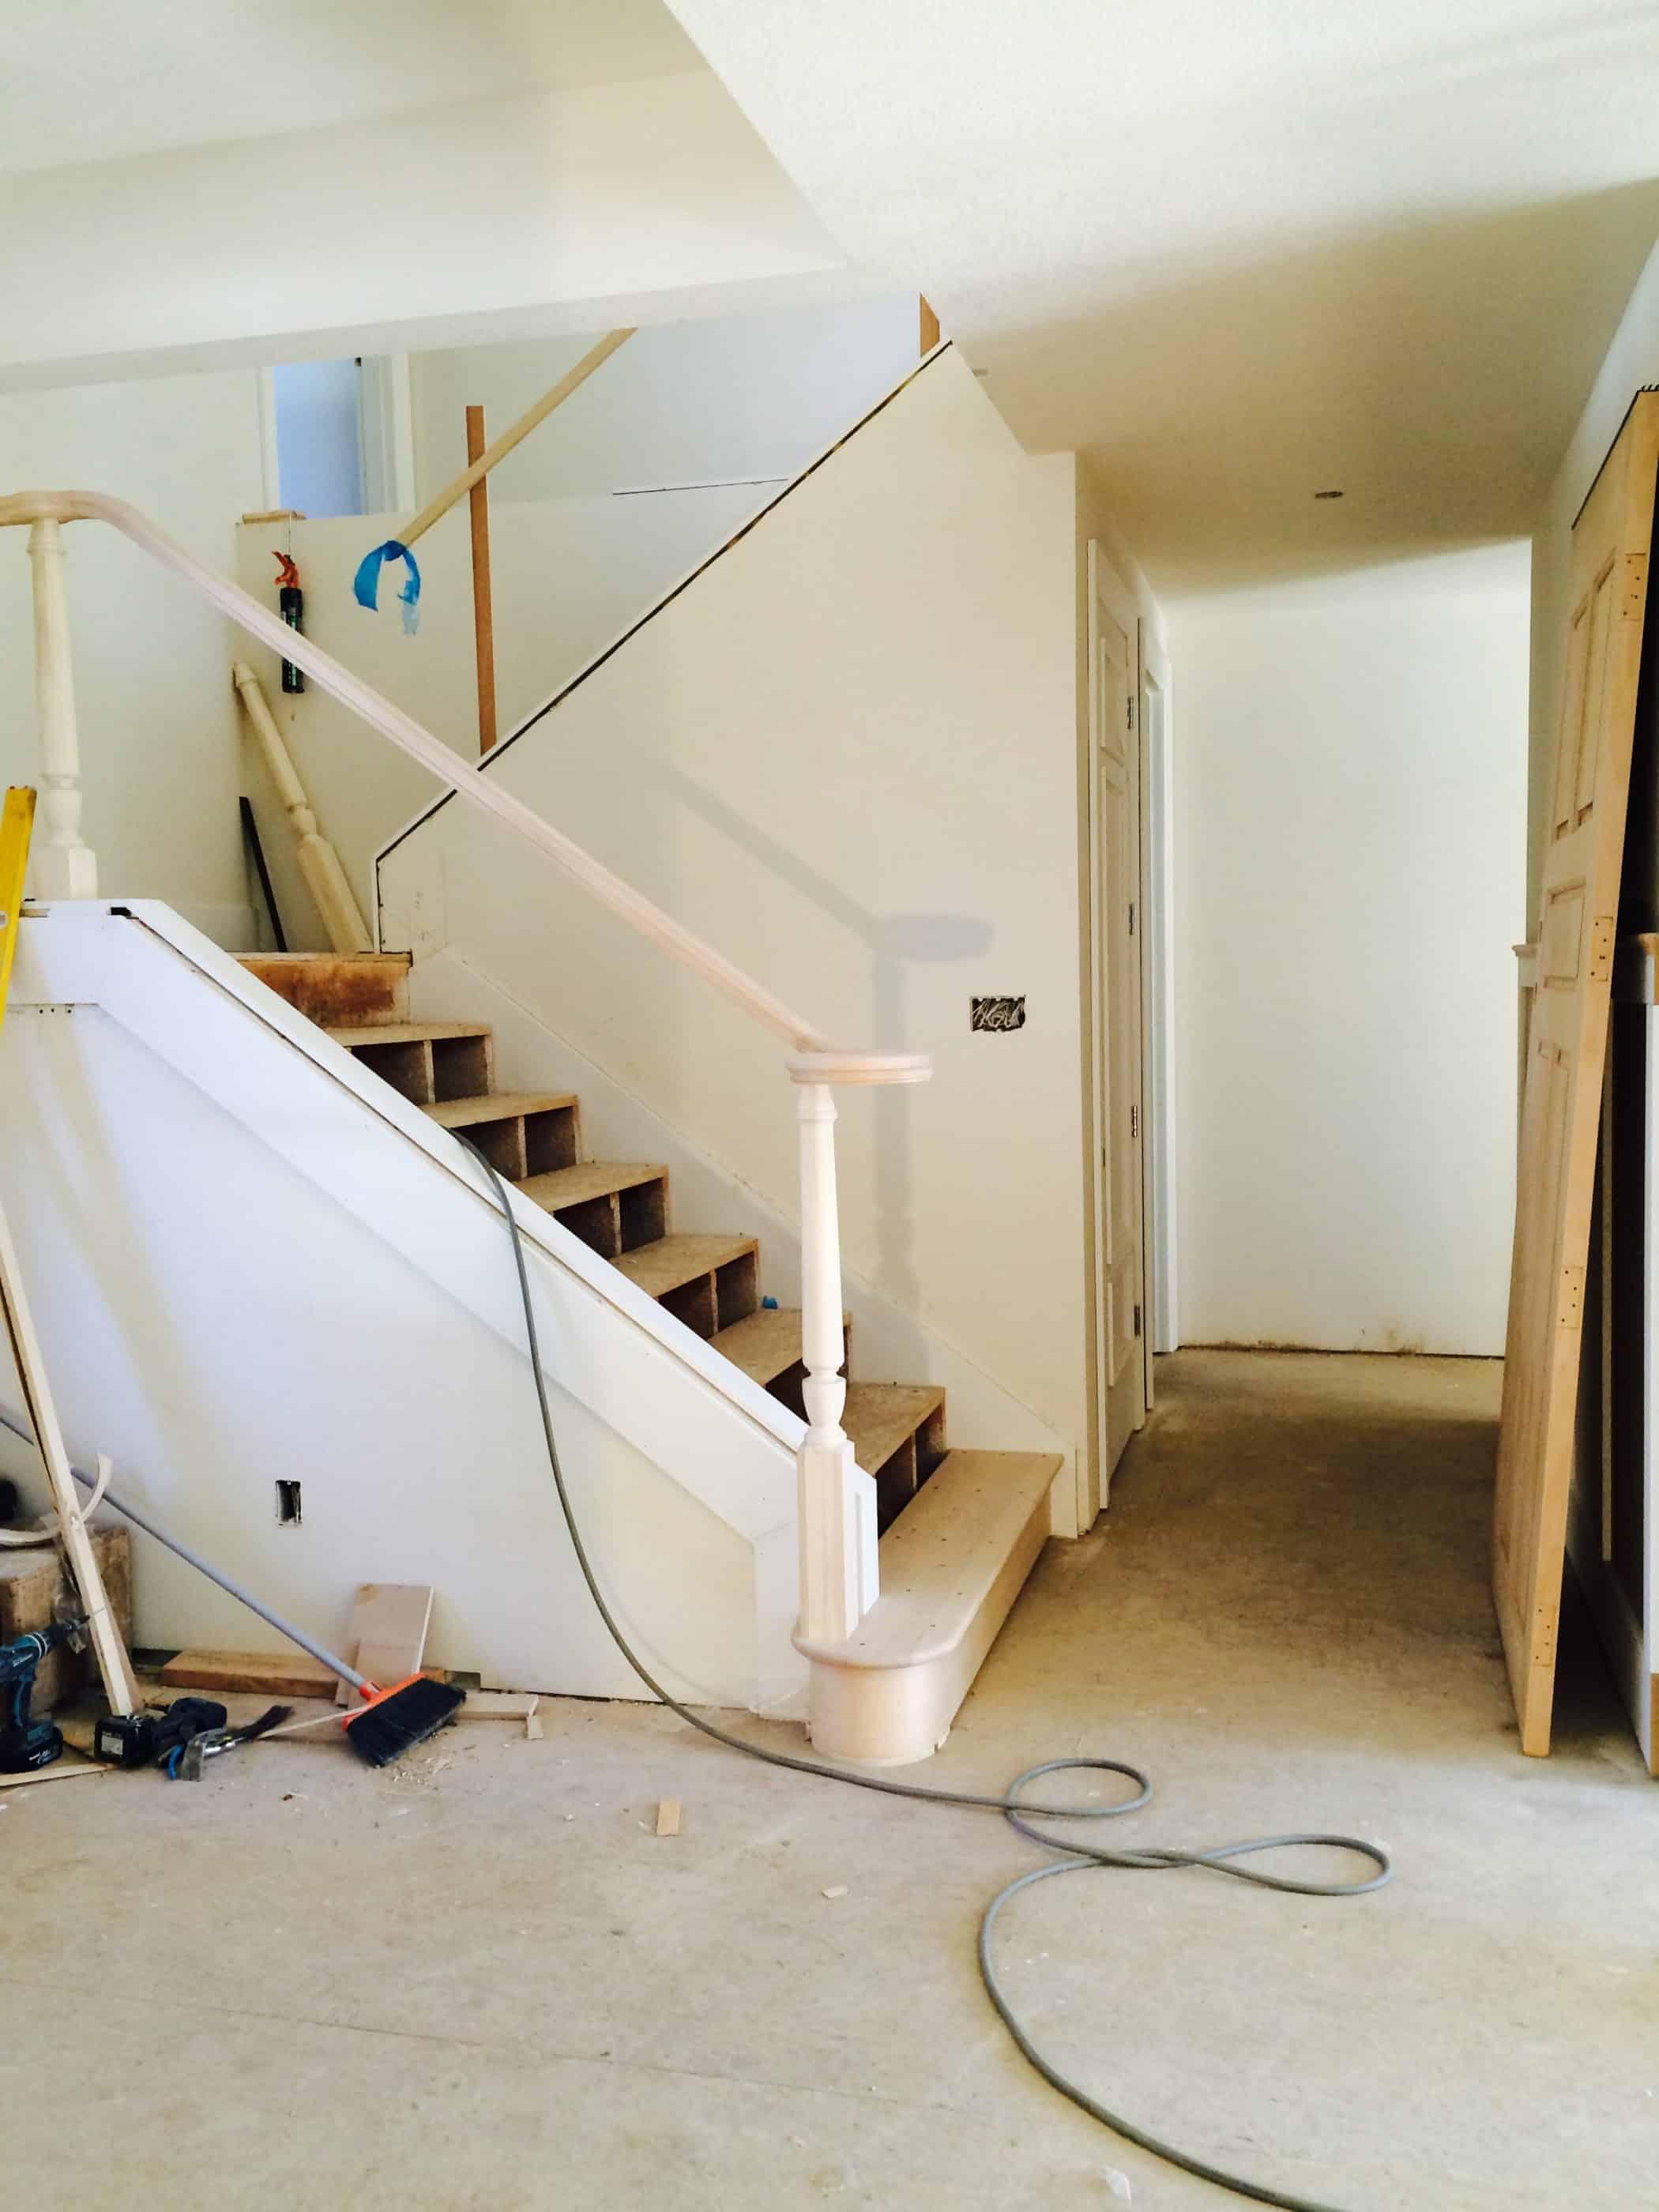 Interior Stairway Under Construction